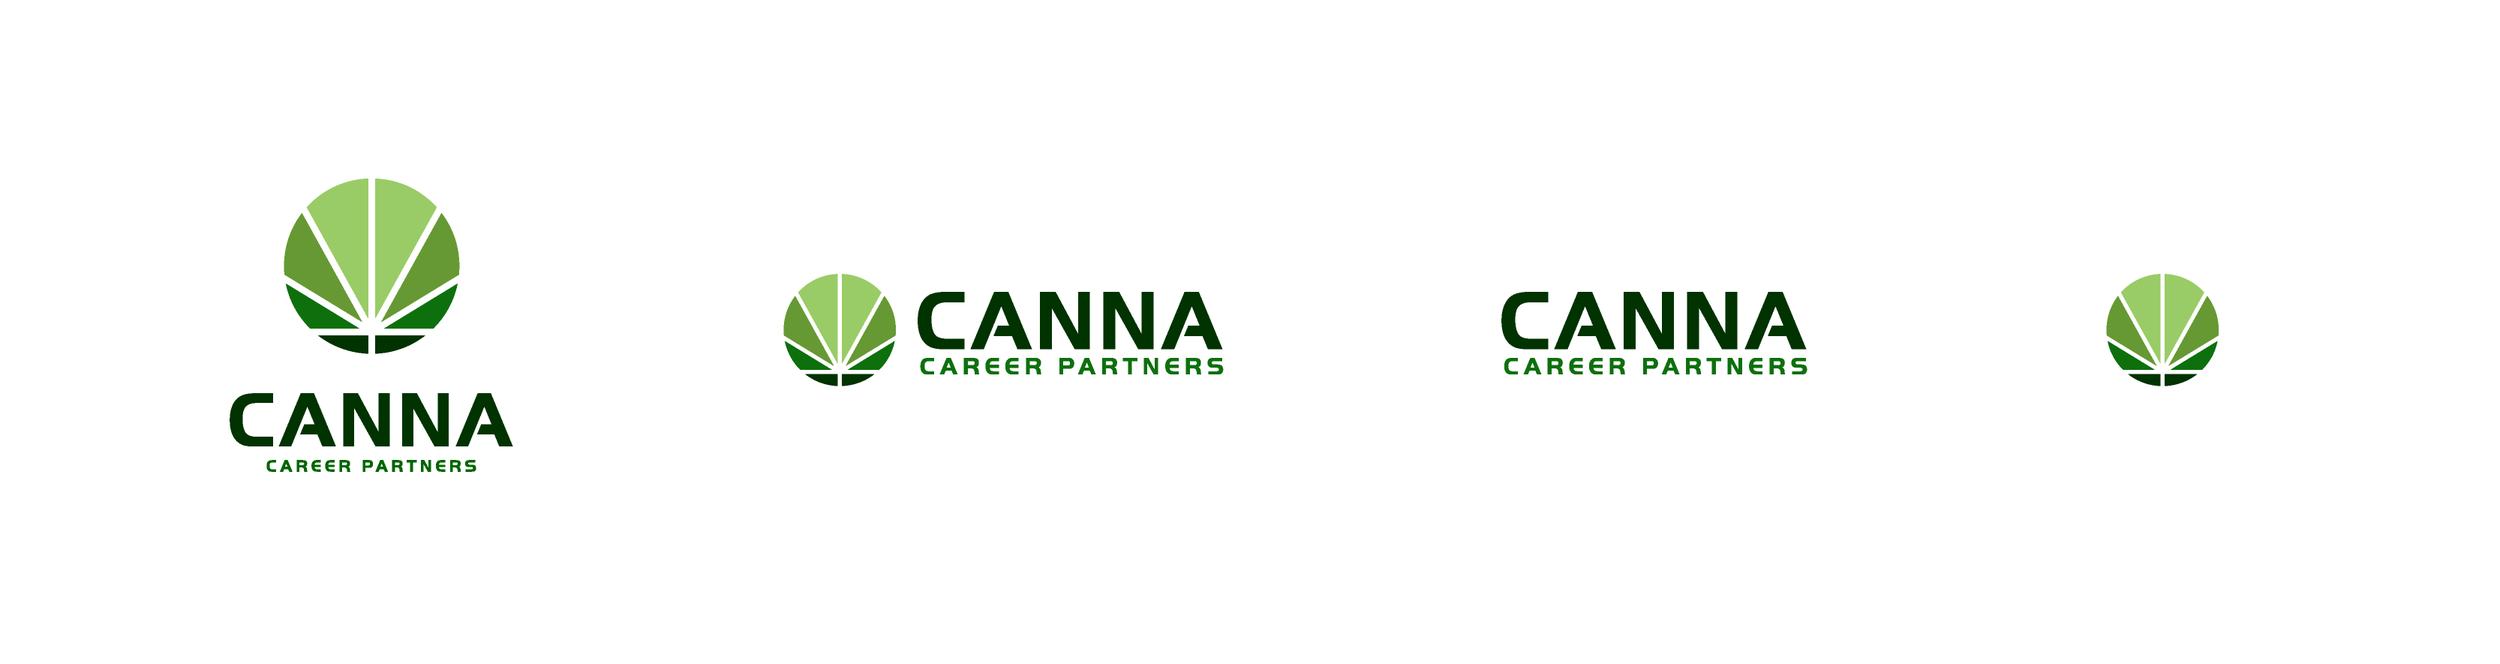 The logo > logo alt. layout > logotype > and logomark